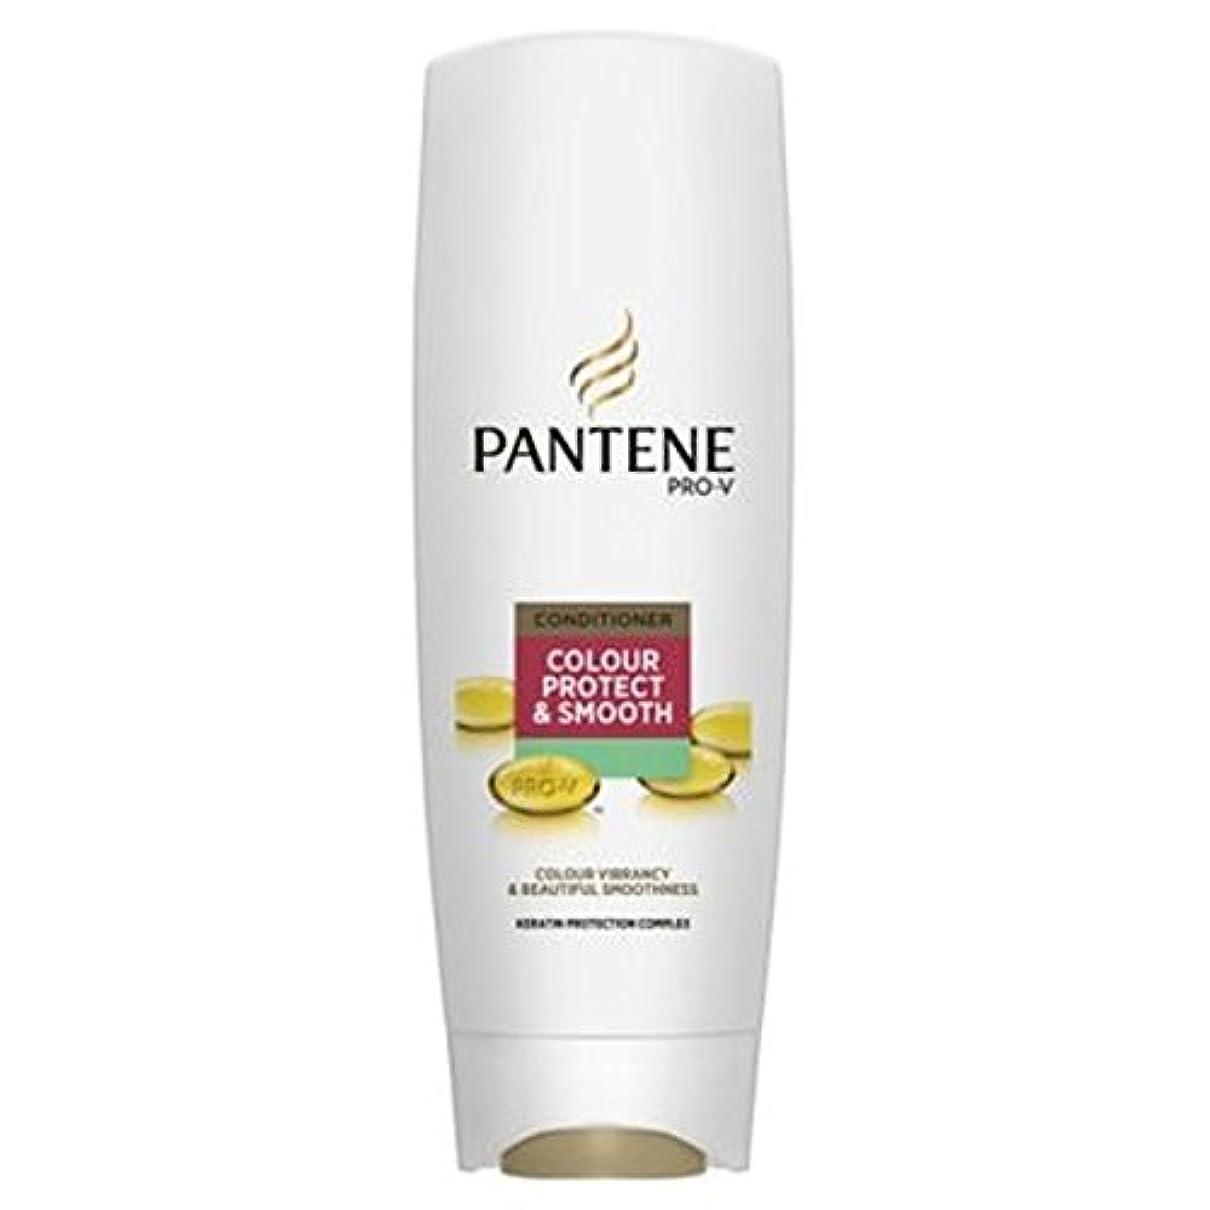 等舌マラソンパンテーンプロVの色保護&スムーズコンディショナー360ミリリットル (Pantene) (x2) - Pantene Pro-V Colour Protect & Smooth Conditioner 360ml (Pack...